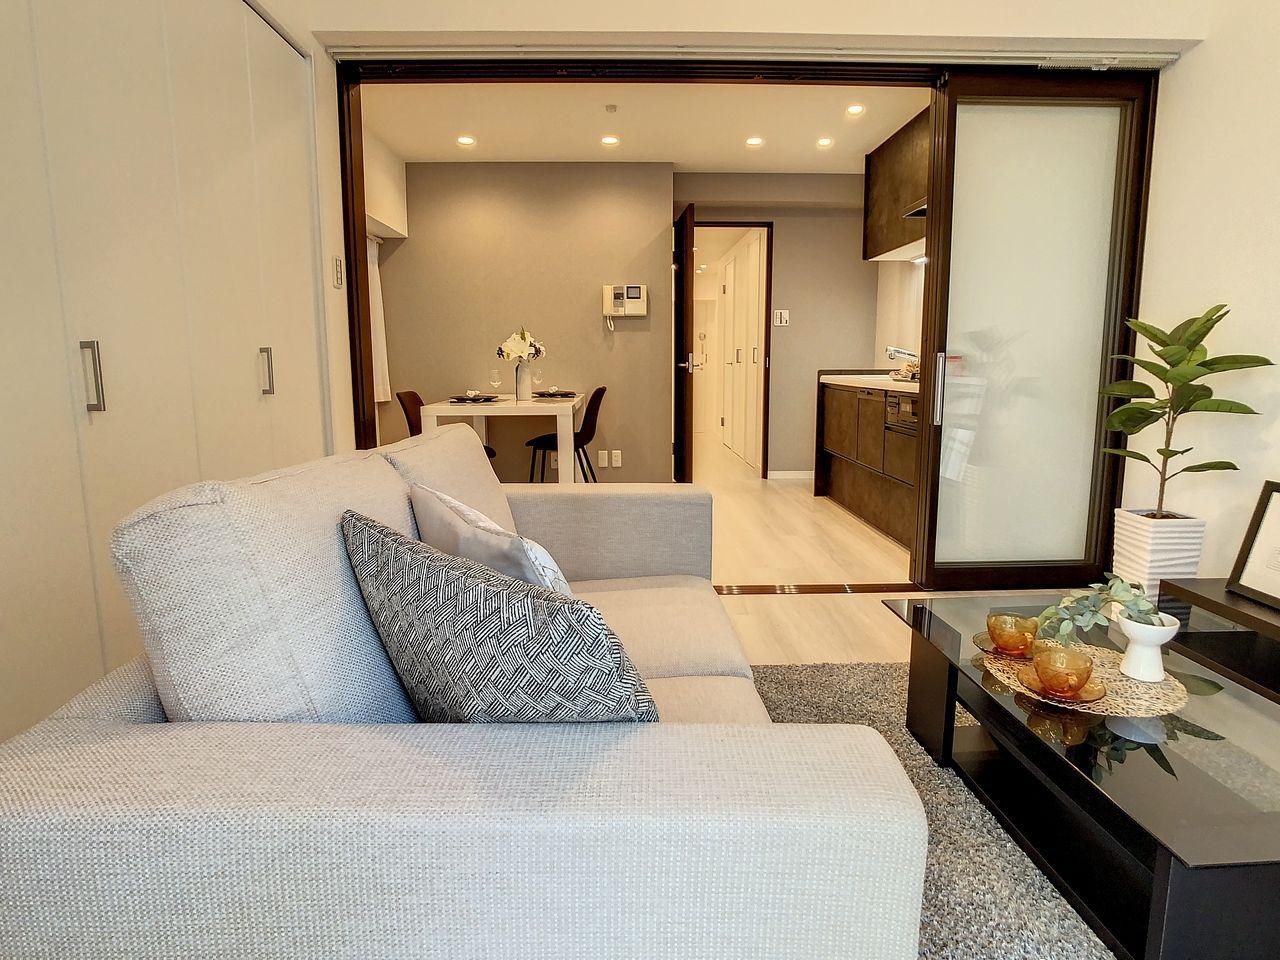 渋谷区広尾1丁目に建つ分譲賃貸マンション~日興パレス広尾プラザ1006号室